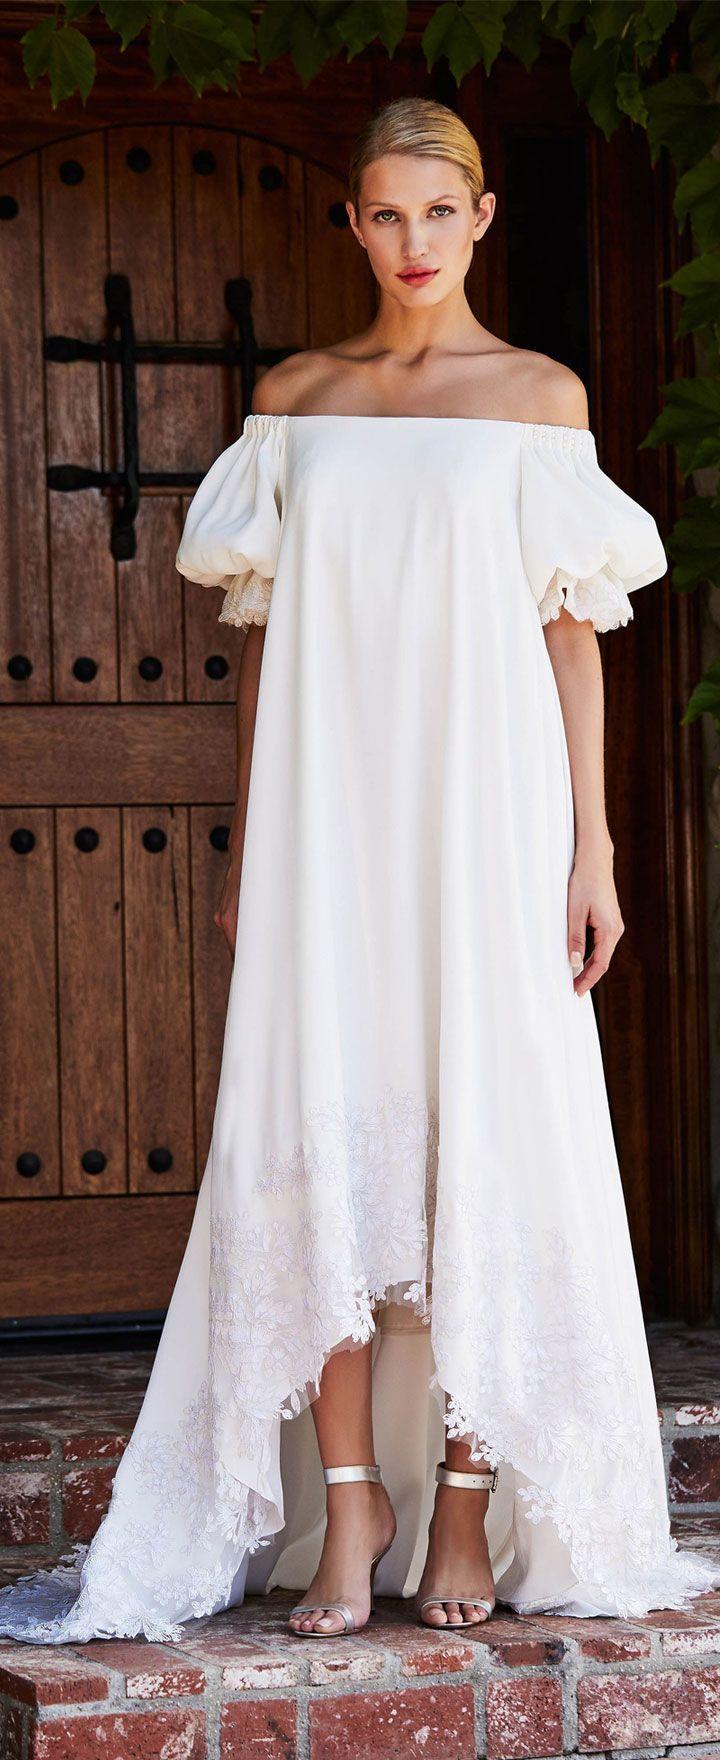 Puff short sleeves off the shoulder sheath wedding dress tadashi